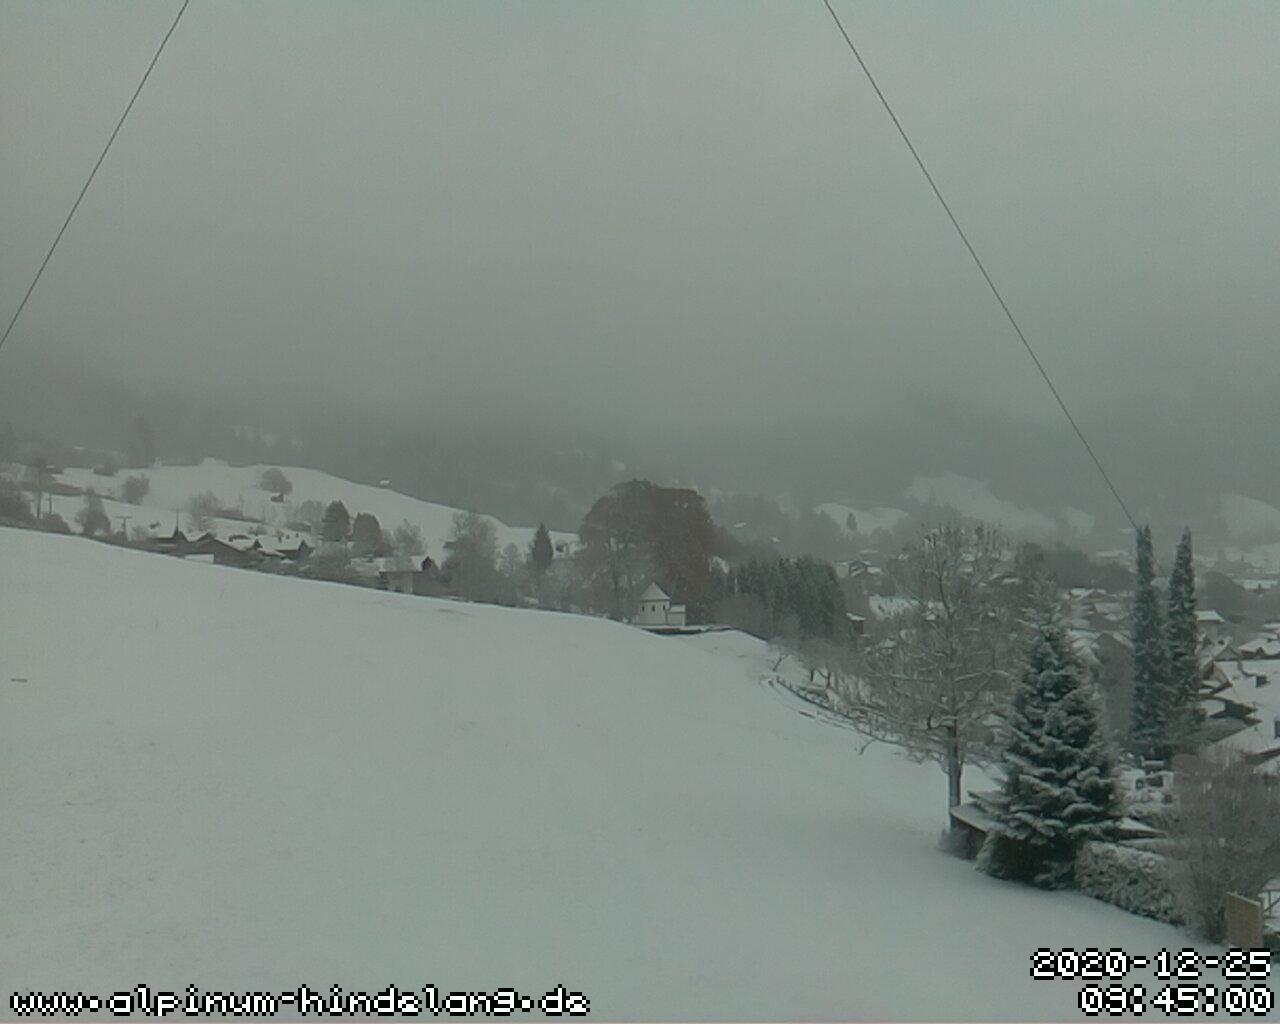 Bad Hindelang Live Video Blick über Hindelang vom Grundstück nach Osten Richtung Oberjoch und Isler.